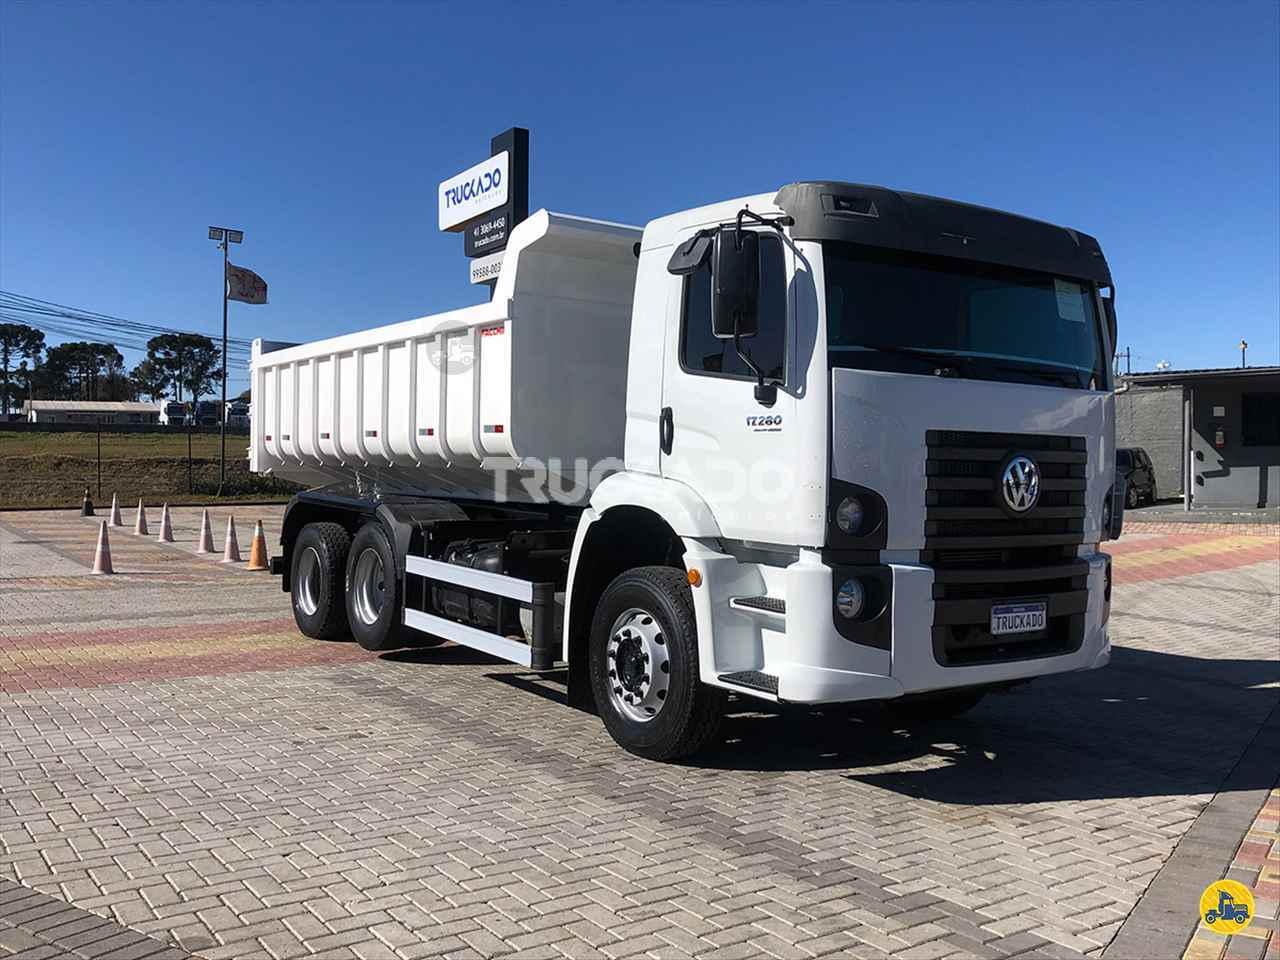 CAMINHAO VOLKSWAGEN VW 17280 Caçamba Basculante Truck 6x2 Truckado Veículos SINOP MATO GROSSO MT